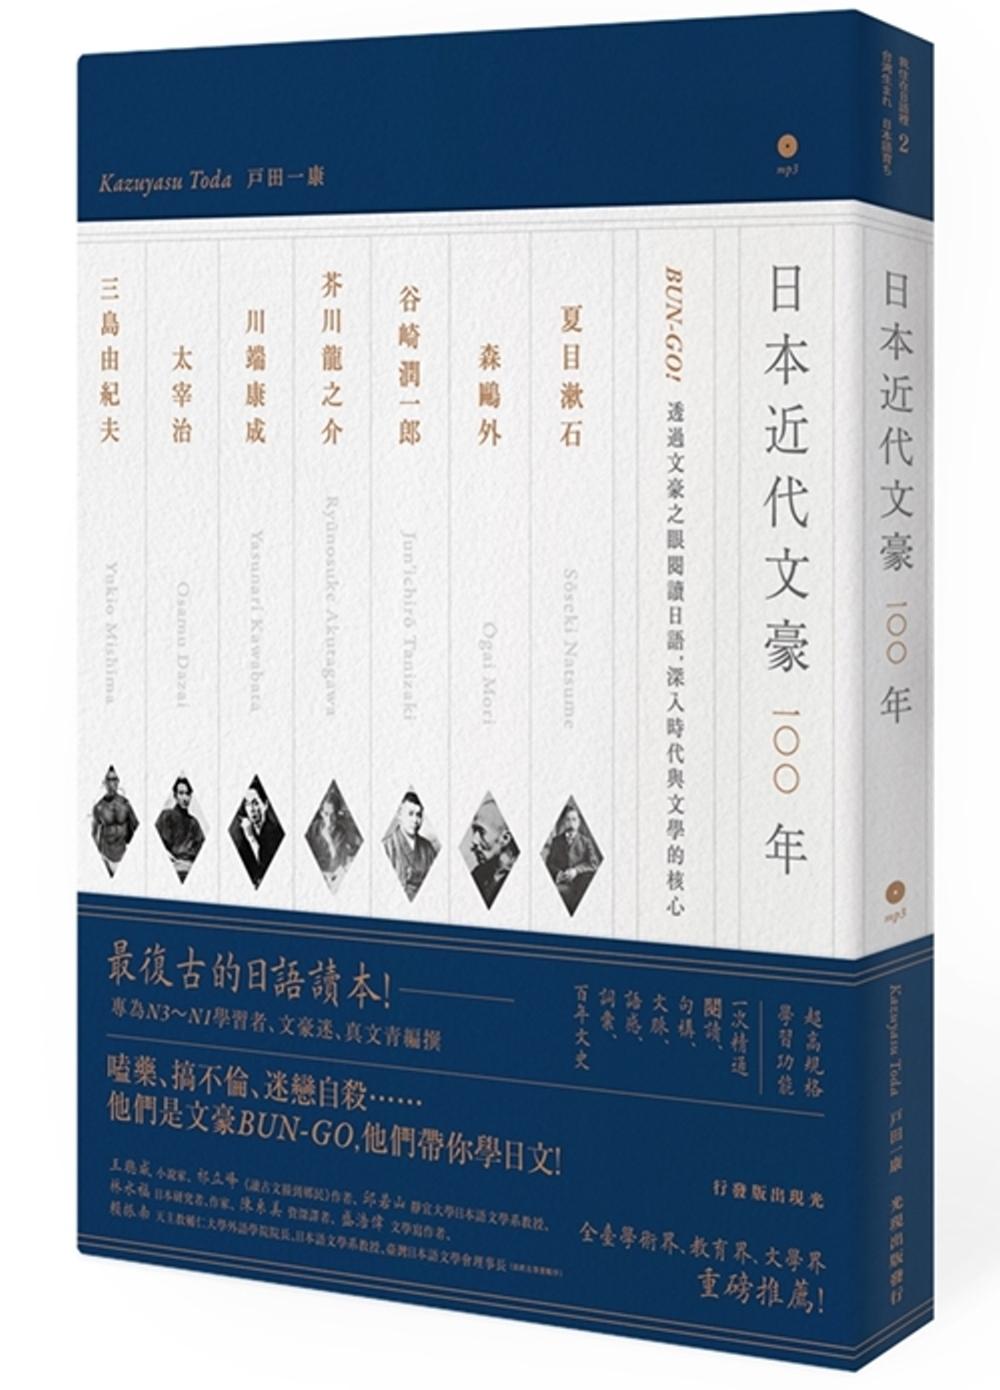 ◤博客來BOOKS◢ 暢銷書榜《推薦》日本近代文豪100年:BUN-GO!透過文豪之眼閱讀日語,深入時代與文學的核心(1書1MP3)